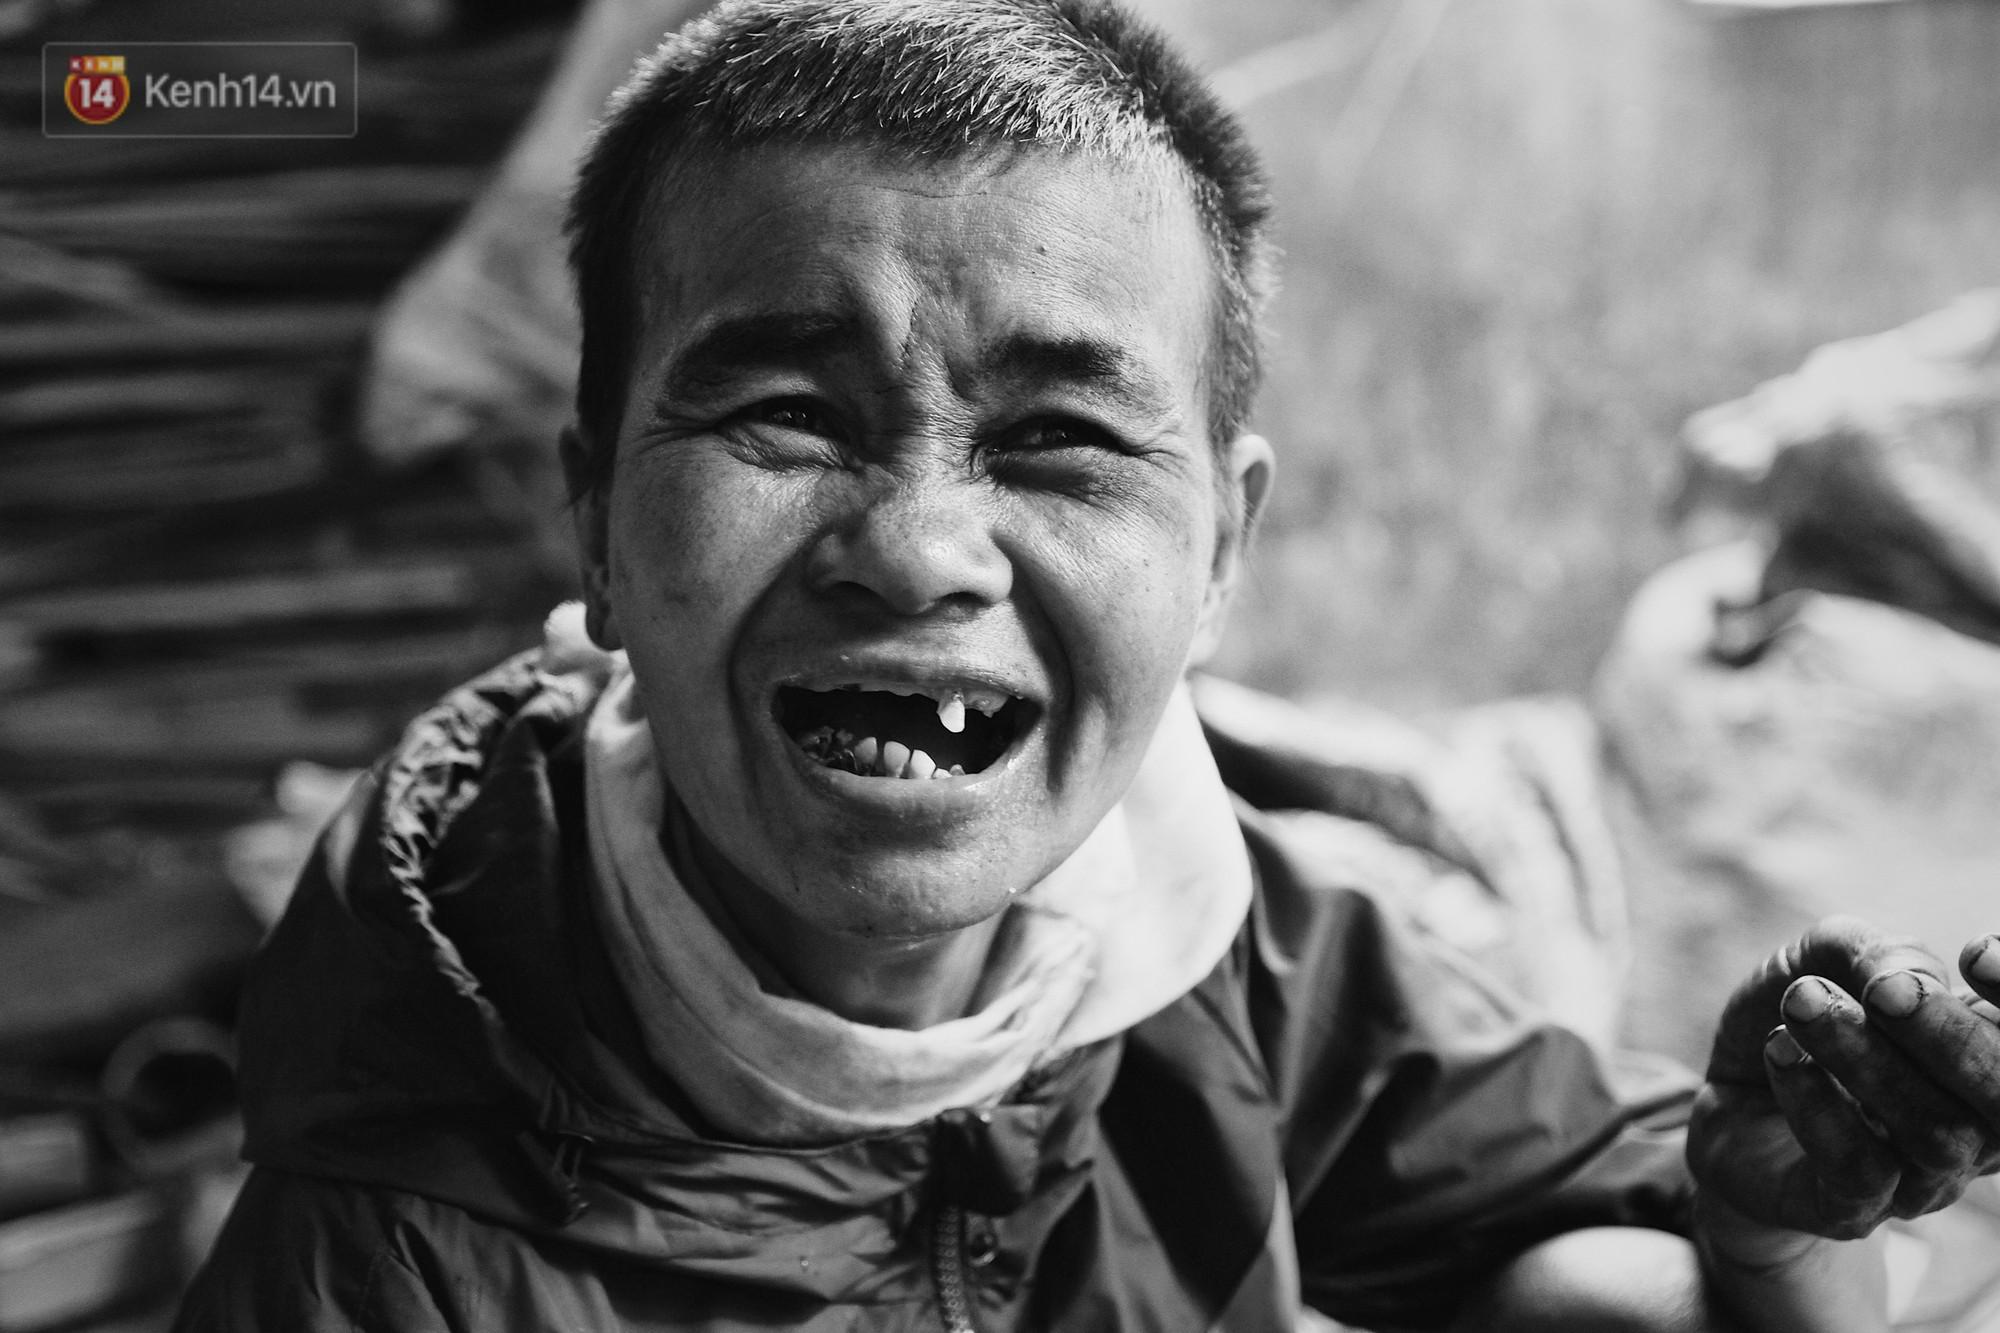 Ở Hà Nội, có một người mẹ mù gần 90 tuổi vẫn ngày đêm chăm đứa con gái điên: Còn sống được lúc nào, thì tôi còn nuôi nó - Ảnh 1.